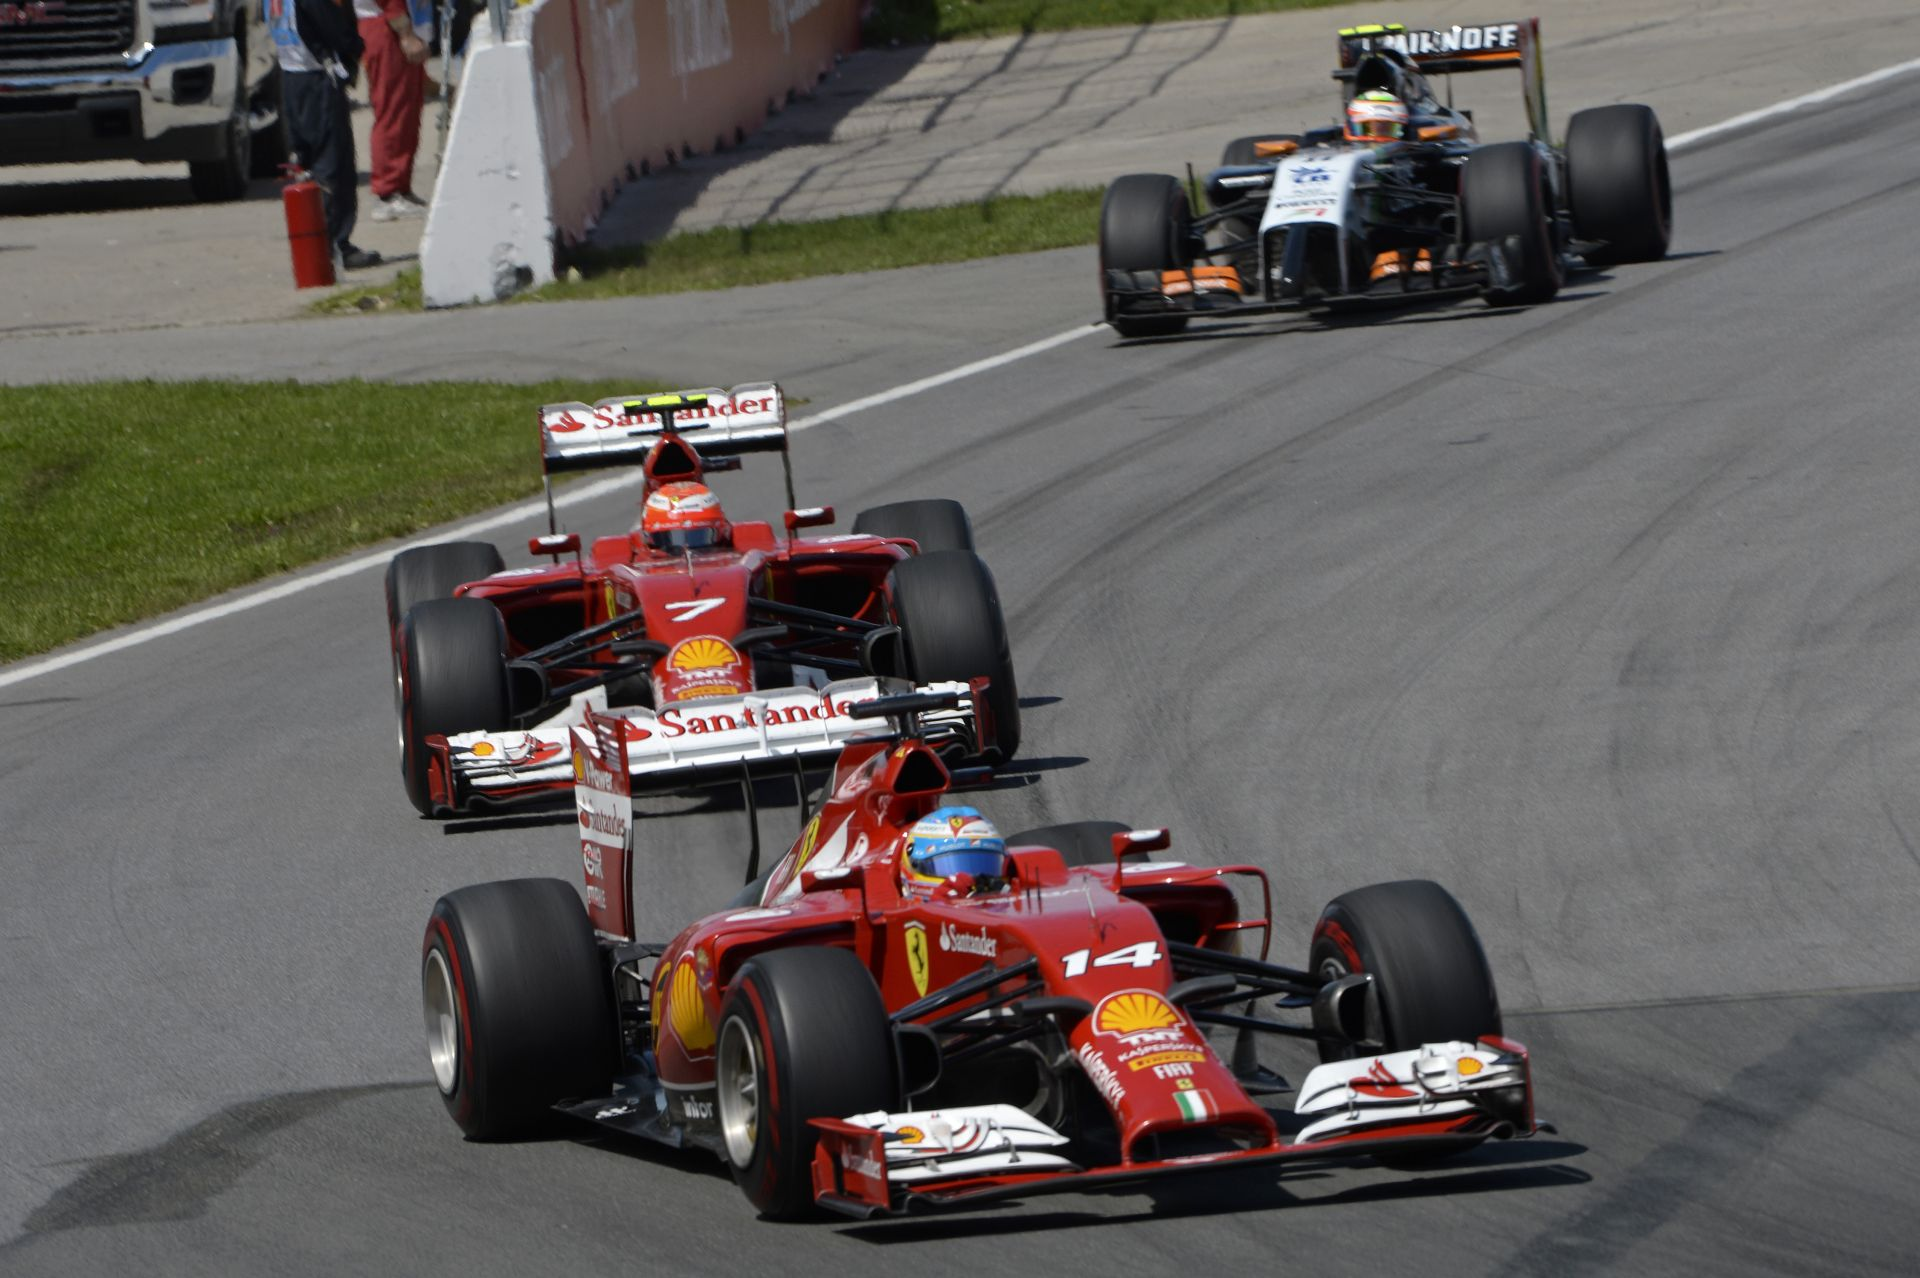 Stabil technikai háttér a Ferrarinál: Nincs minden veszve?!